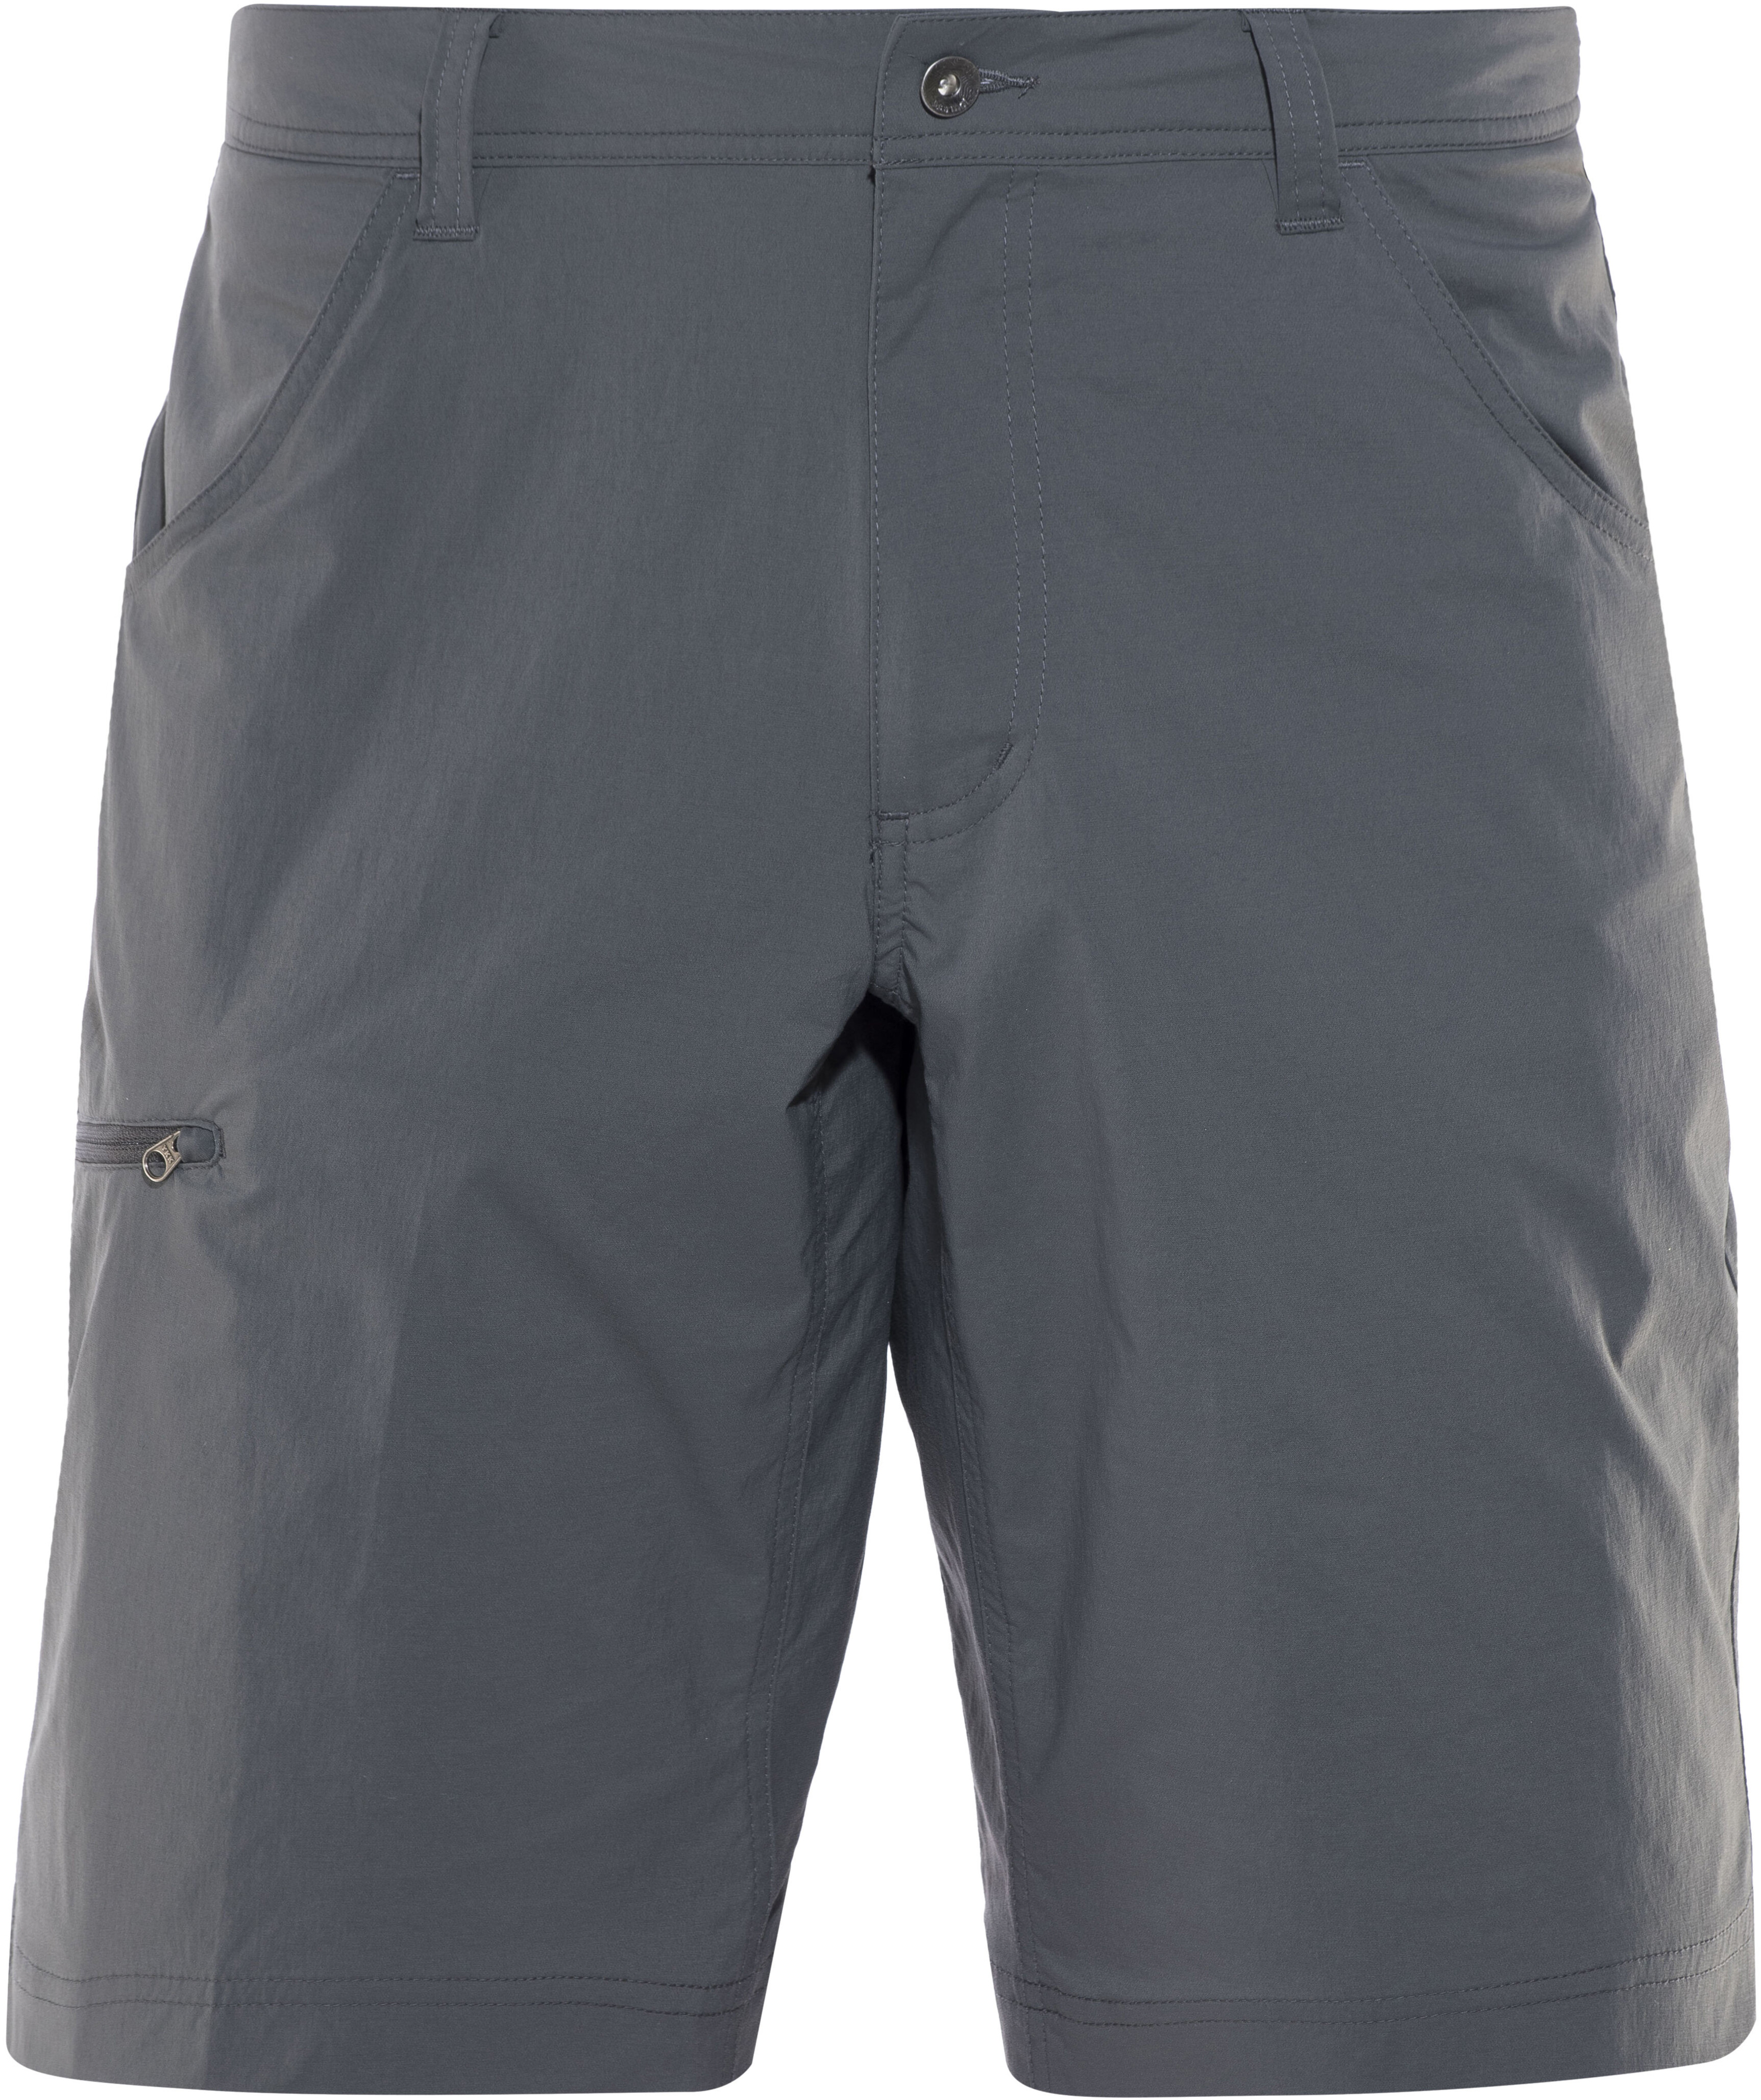 Marmot Arch Rock - Pantalones cortos Hombre - gris  6d4373d5a0a92